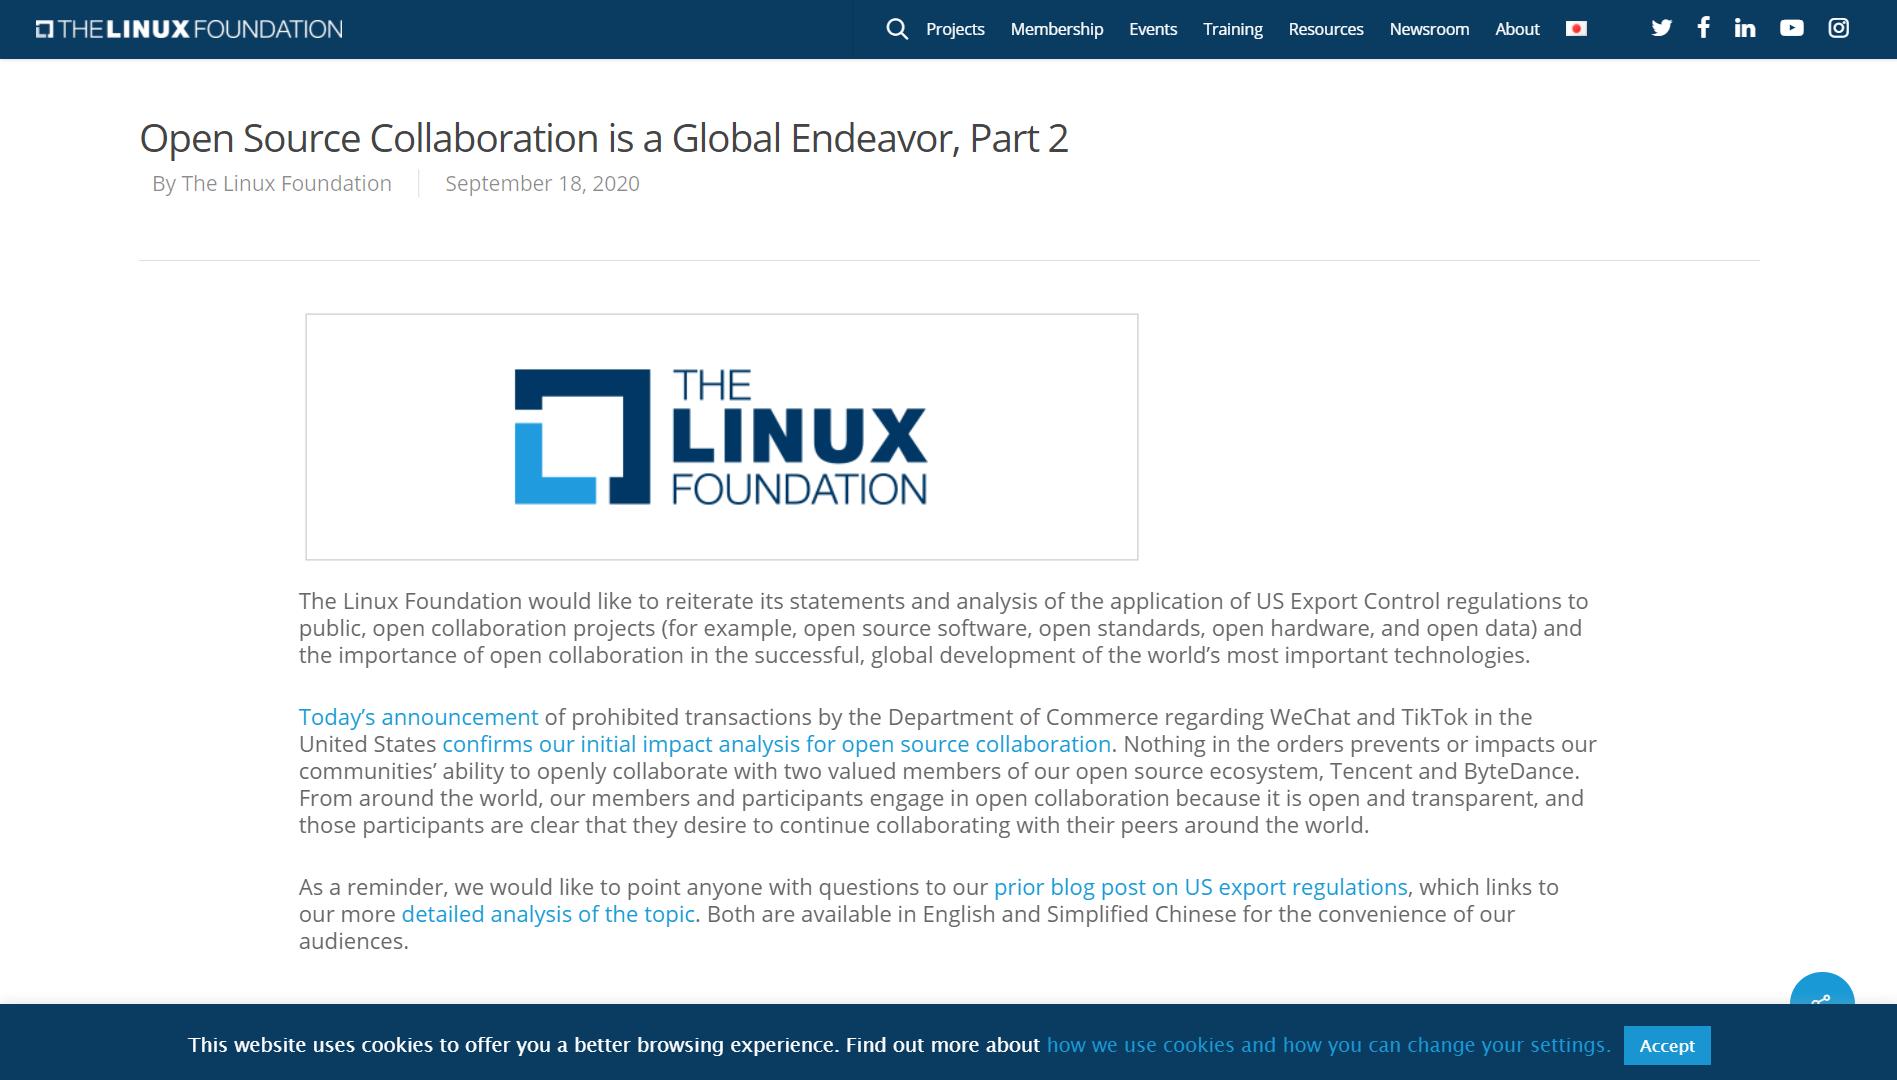 082728 9XY9 4105562 Linux 基金会评微信和 TikTok 被封禁一事:开源协作需要全球努力